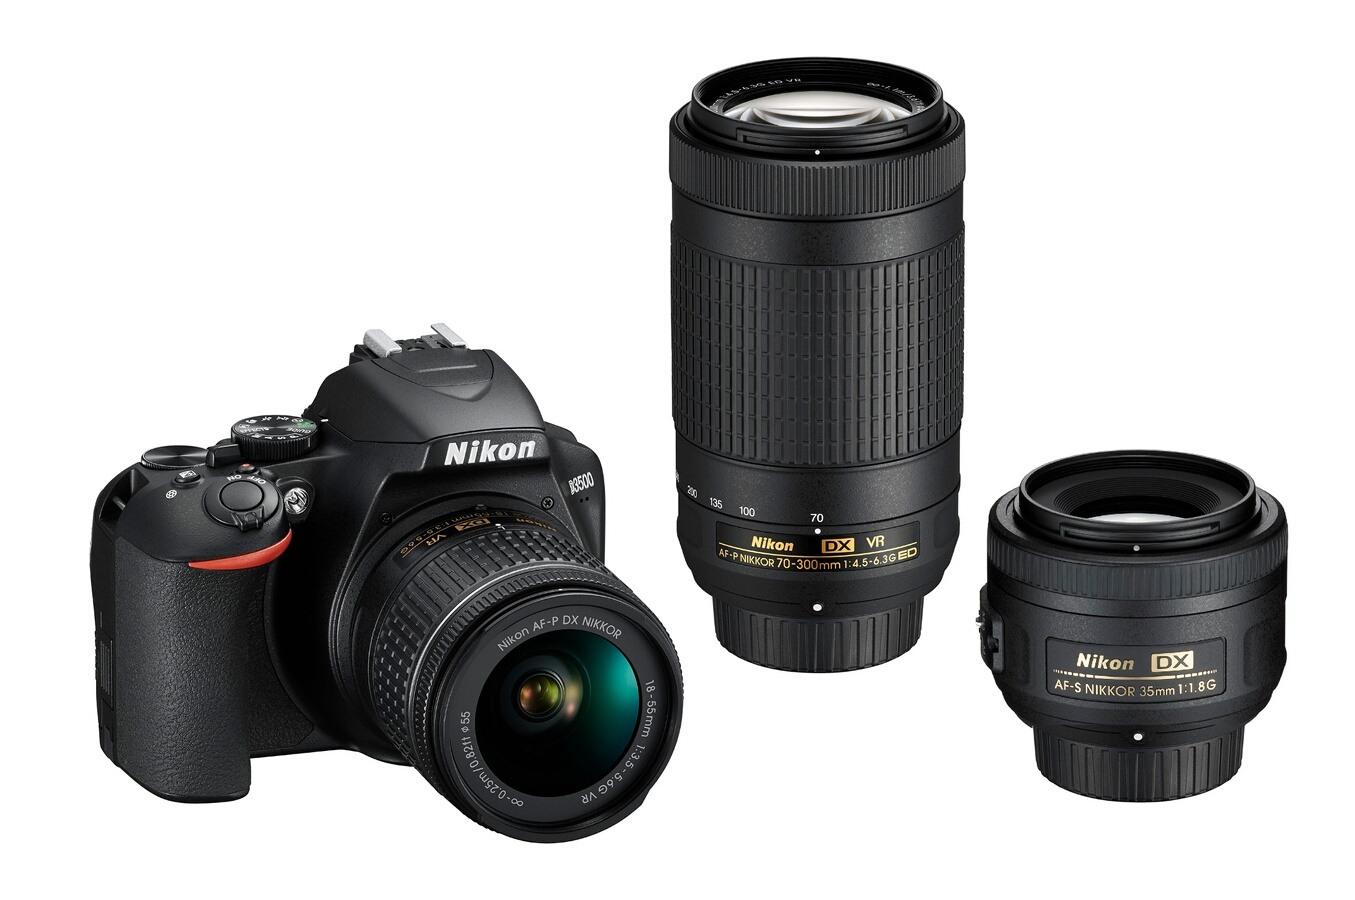 Appareil Photo Reflex Nikon D3500 + Objectifs 18-55mm & 70-300mm VR + Focal Fixe 35mm /f1.8 - Capteur Aps-C 24.2 MP (Via Retrait en Magasin)